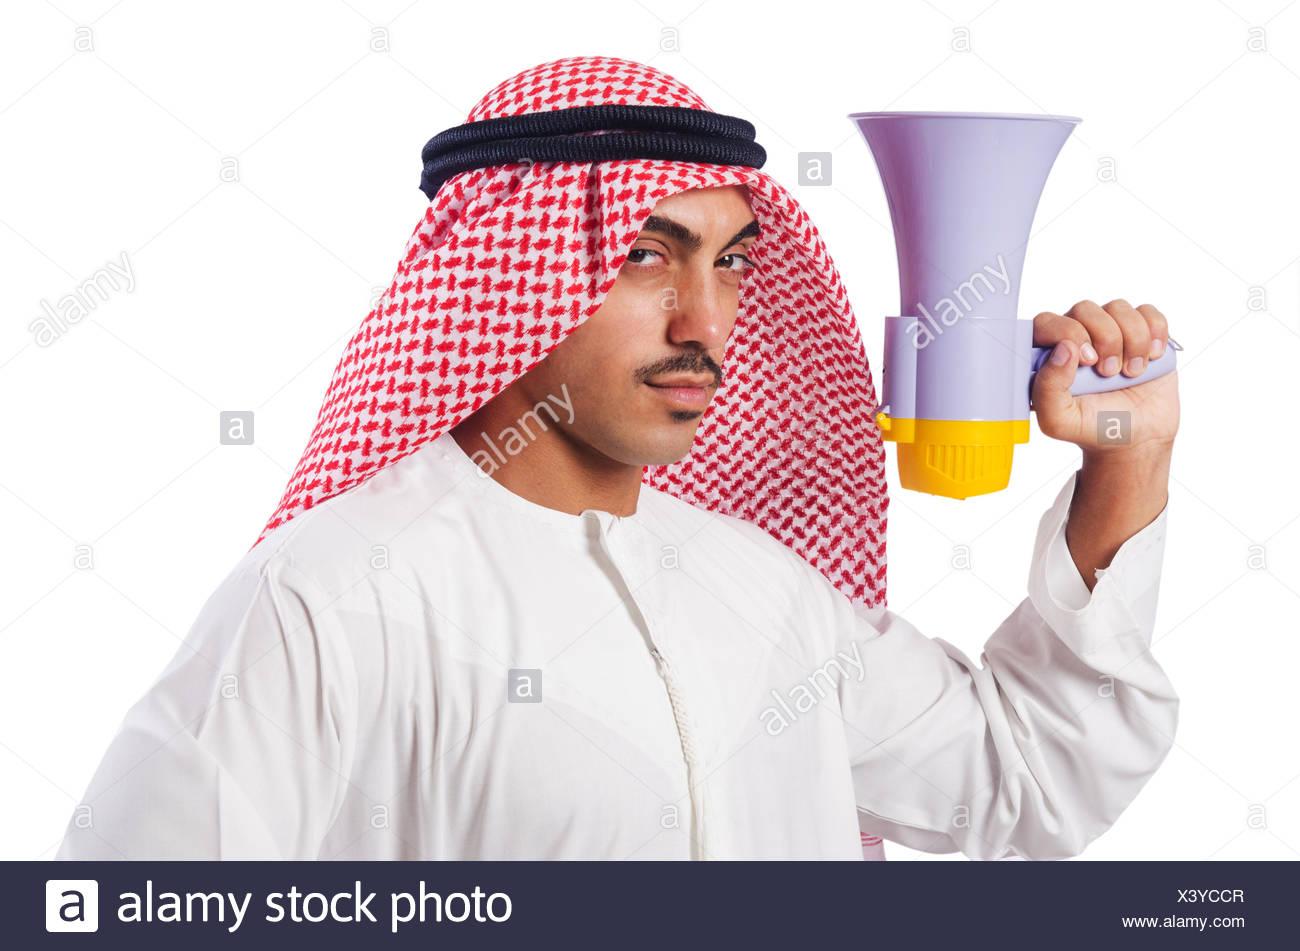 Arab man shouting through loudspeaker - Stock Image